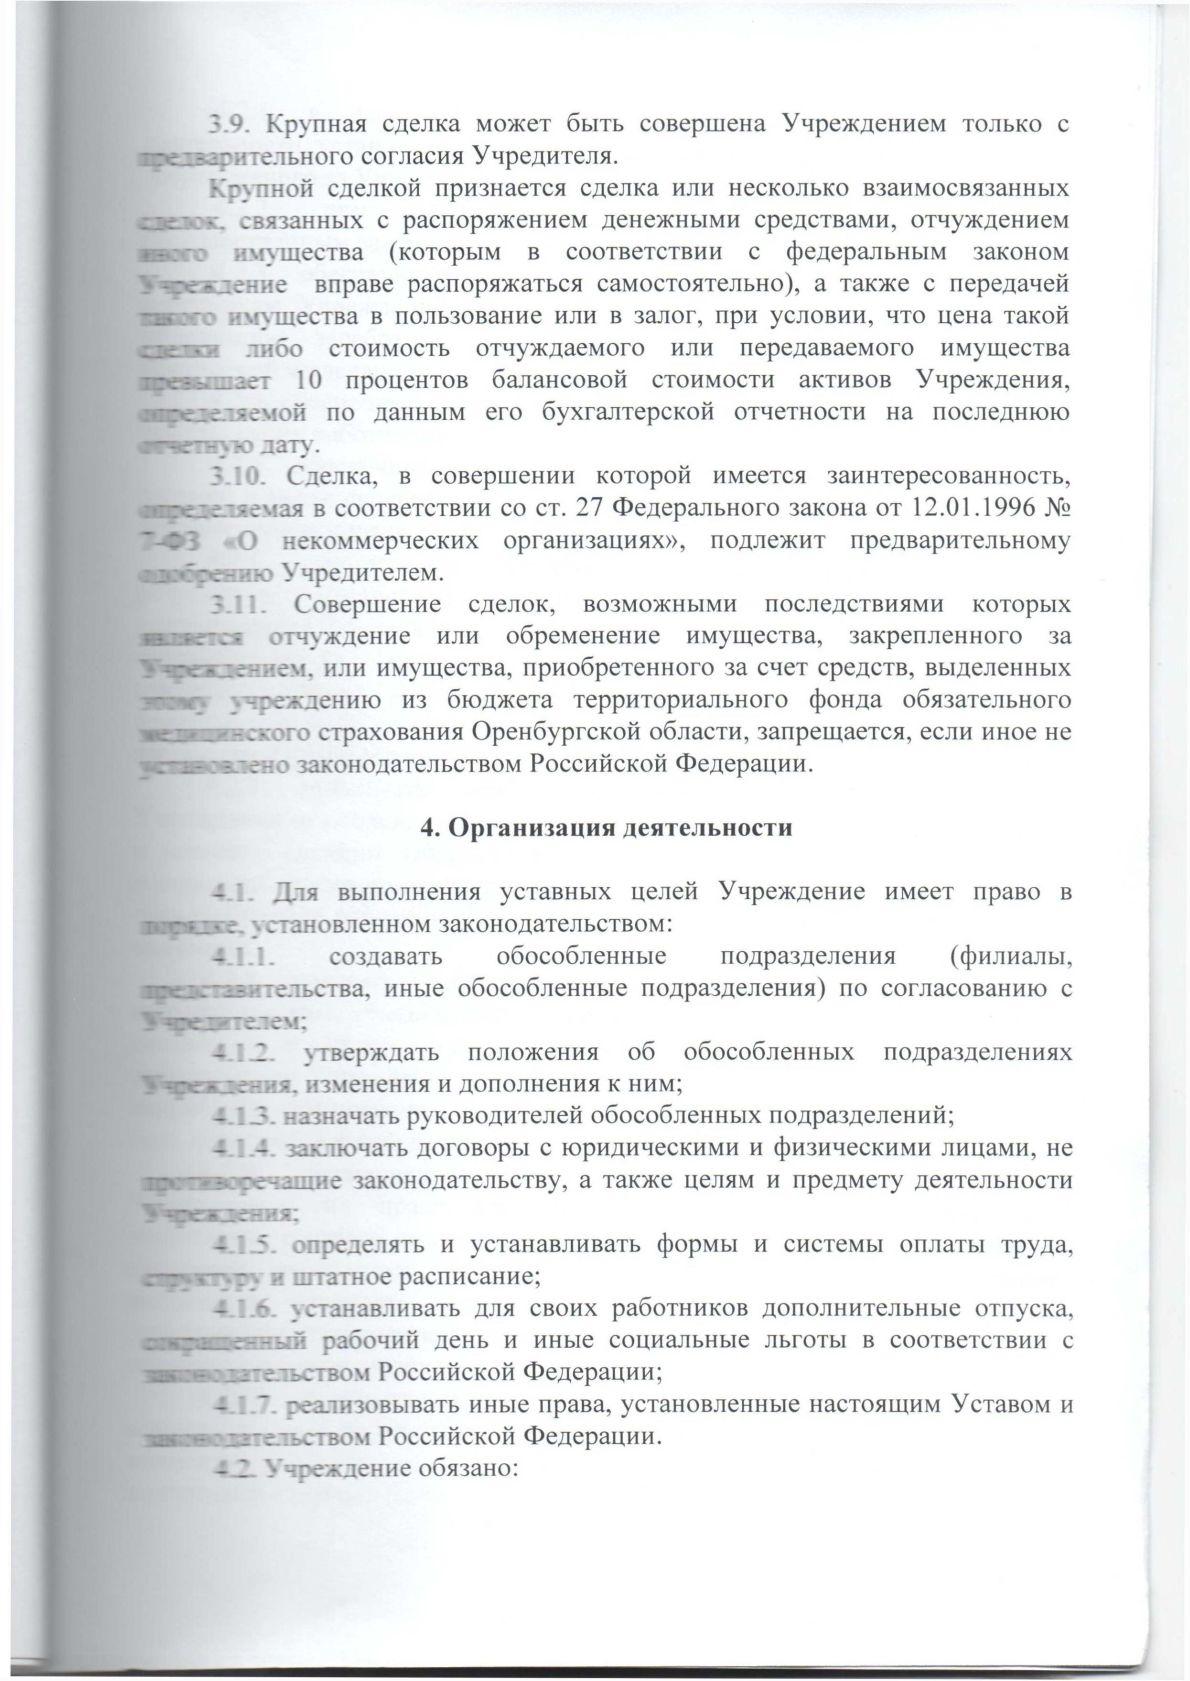 Медицинский центр имени вишневского москва